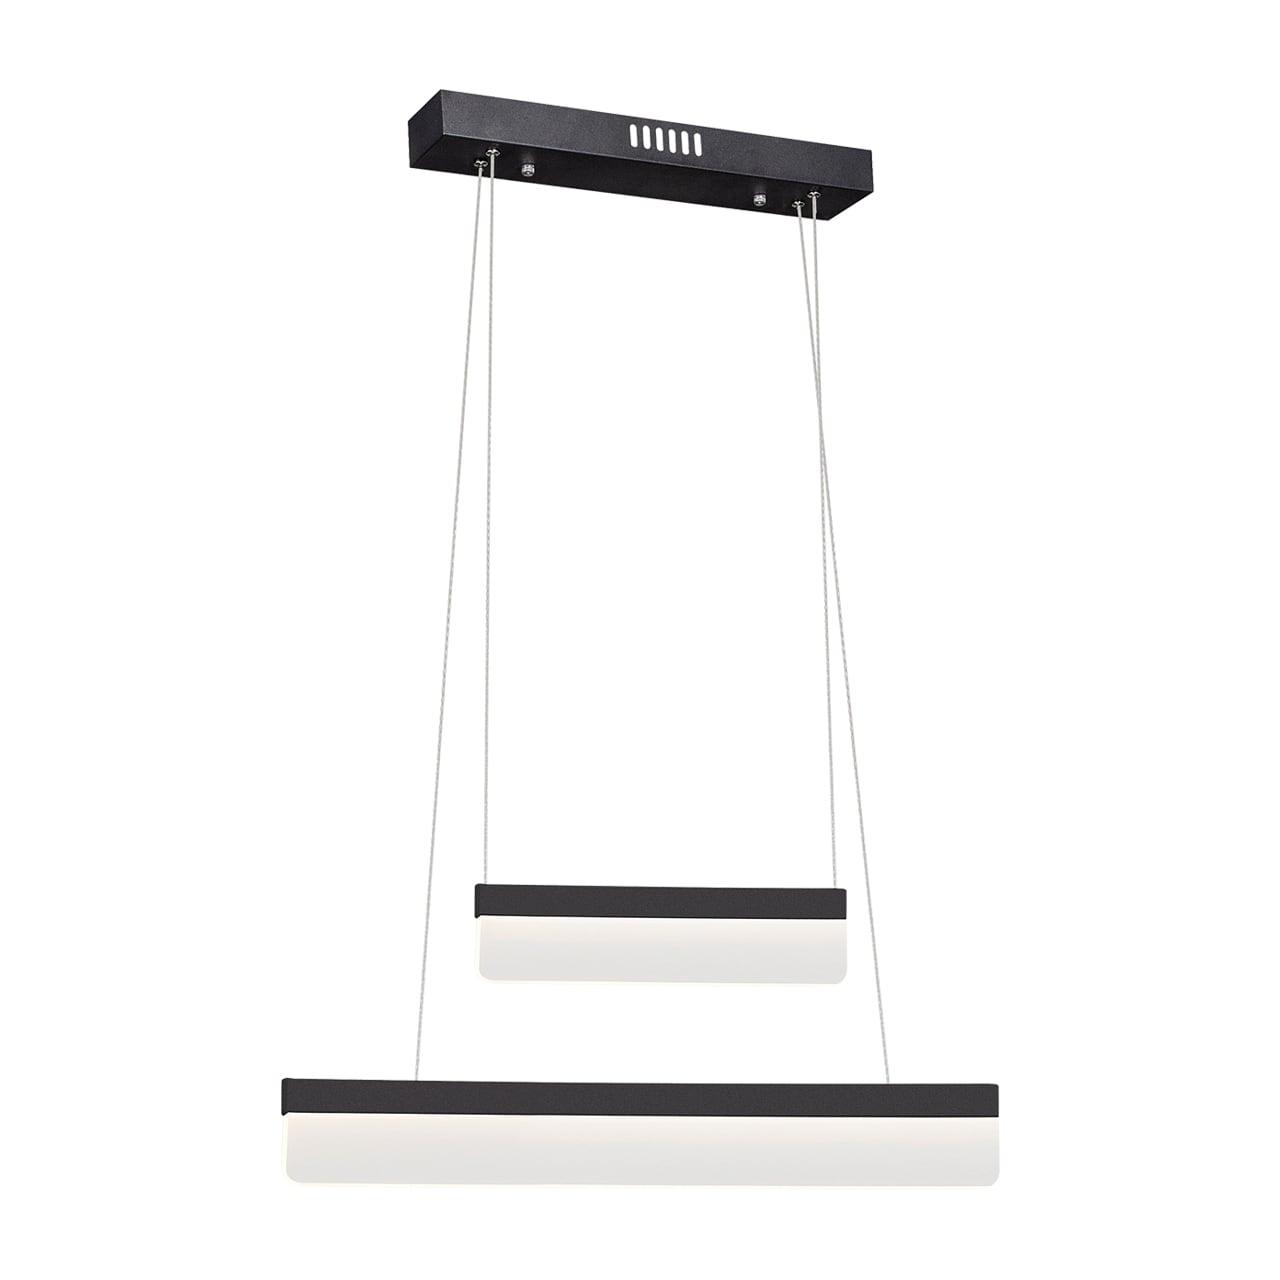 Lampa suspendată, modernă, cu lampa suspendată BEAM LED 401 18W 1260 lm